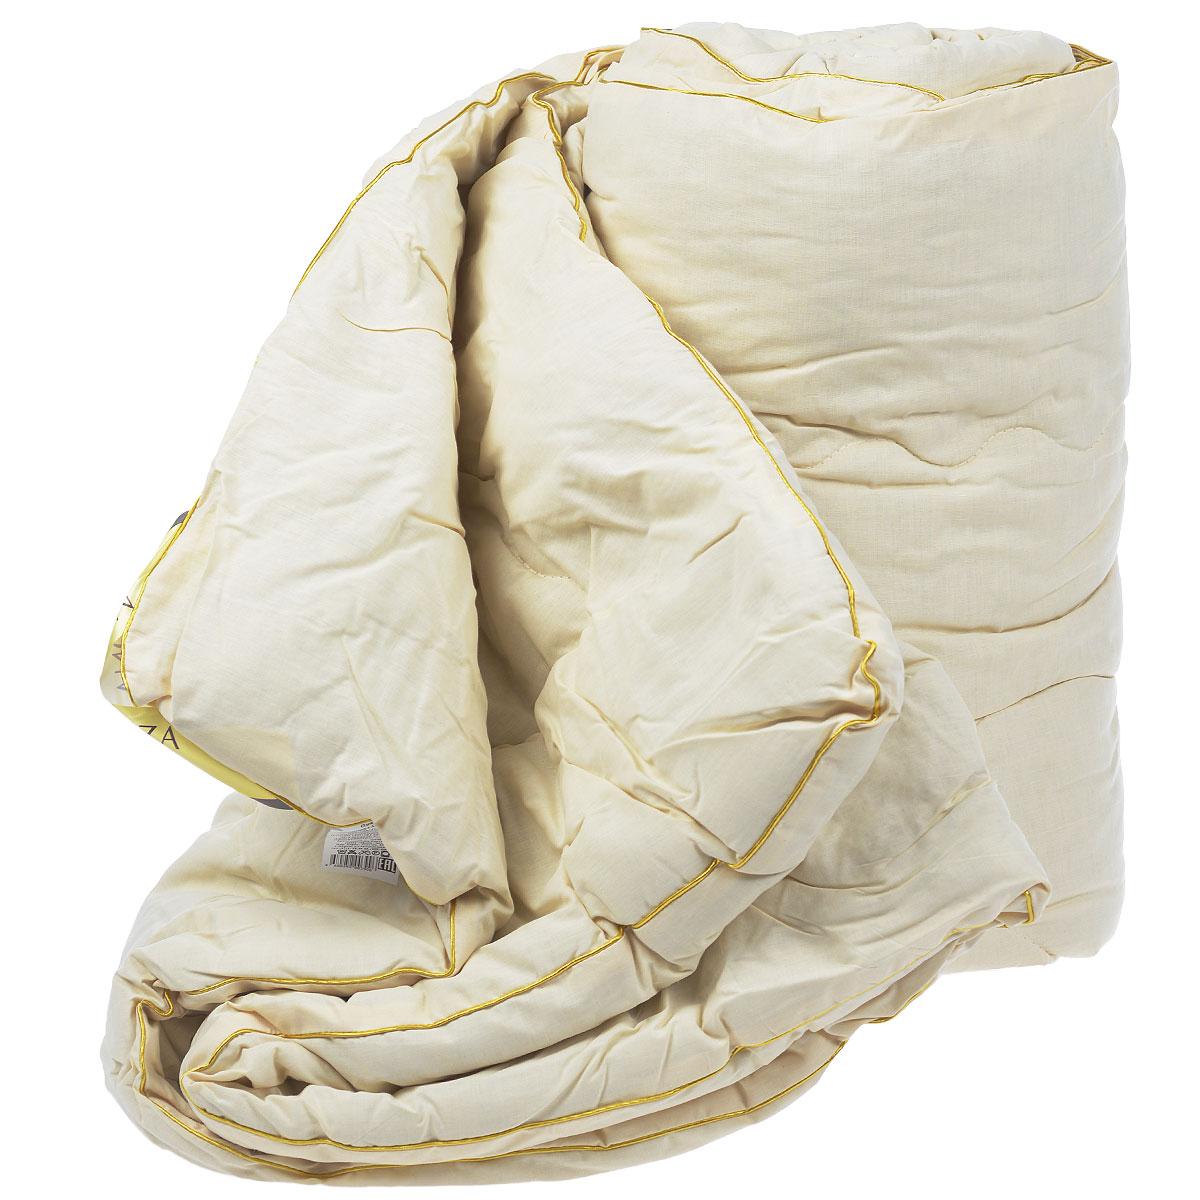 Одеяло Mona Liza, наполнитель: полиэстер, лен, цвет: слоновая кость, 195 см х 215 смАШ529342Одеяло Mona Liza подарит вам незабываемое чувство комфорта и умиротворения. Чехол выполнен на 80% из хлопка и на 20% из полиэстера цвета слоновой кости, украшен фигурной стежкой с золотой каймой. Внутри - наполнитель выполненный на 70% из полиэстера и на 30% из льна. Сверхтонкий наполнитель делает одеяло легким и воздушным, с отличной терморегуляцией, препятствует возникновению бактерий и образованию пылевого клеща. Кроме того, одеяло постоянно поддерживает нужную температуру: оно греет зимой и дает прохладу летом. Одеяло упаковано в прозрачную сумку-чехол на застежке-молнии. Торговая марка Mona Liza принадлежит крупнейшему в Европе и странах СНГ текстильному объединению Монолит, которое уже более 22 лет, с 1992 года, радует своих покупателей высоким качеством выпускаемой продукции. Материал чехла: хлопок, полиэстер. Наполнитель: полиэстер, лен. Плотность: 200 г/м2. Размер одеяла: 195 см х 215 см.